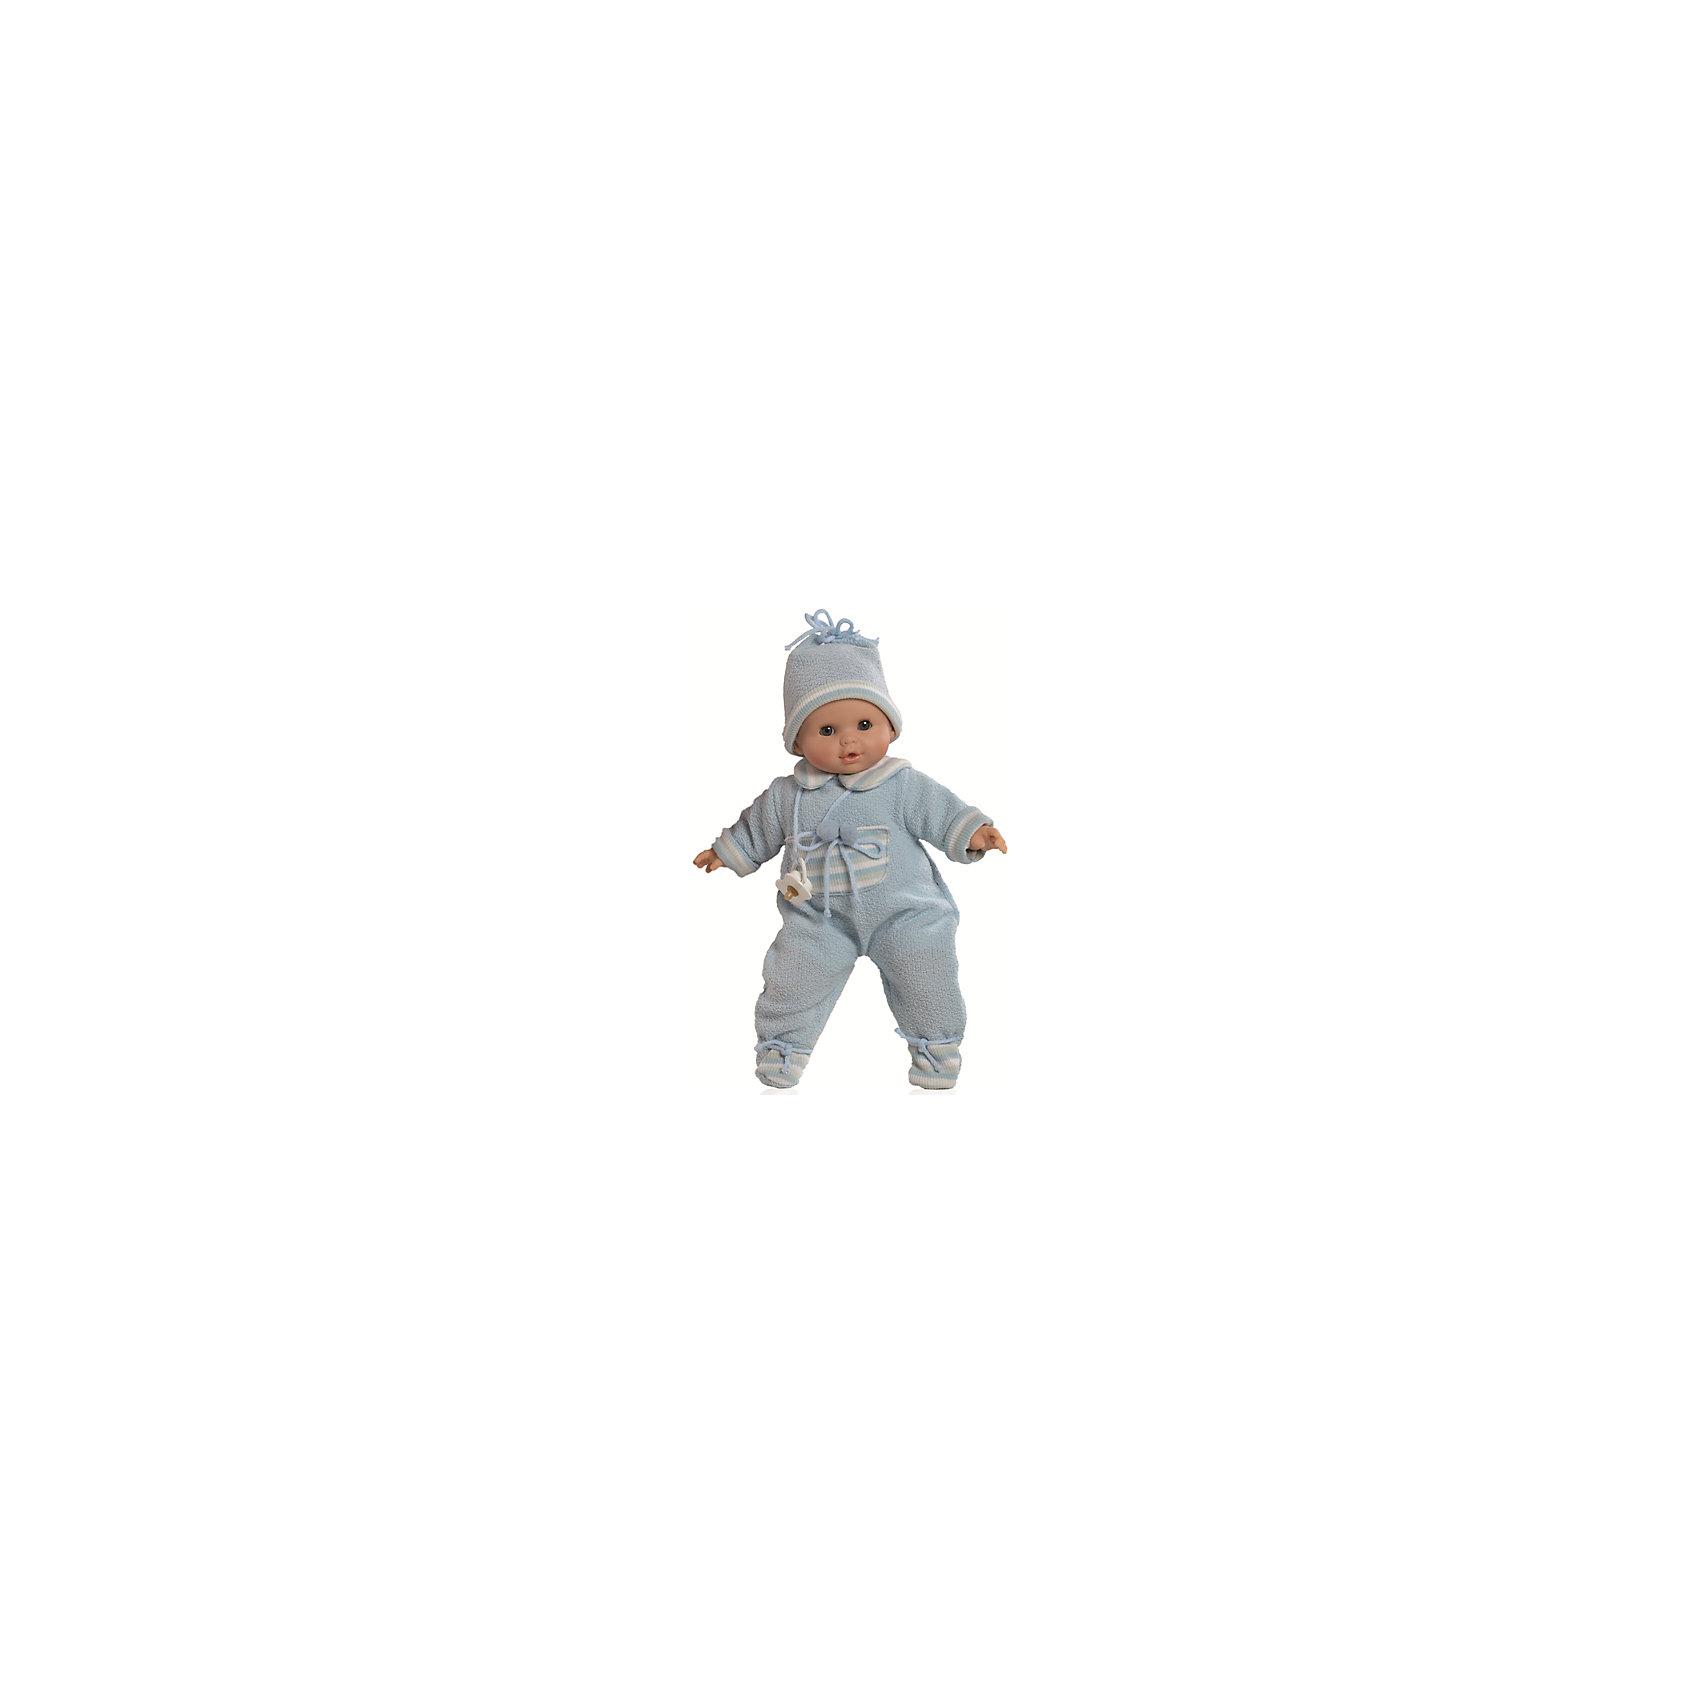 Кукла Алекс в теплой одежде, 36 см, Paola ReinaБренды кукол<br>Кукла изготовлена из винила; глаза выполнены в виде кристалла из прозрачного твердого пластика; волосы сделаны из высококачественного нейлона.<br><br>Ширина мм: 250<br>Глубина мм: 250<br>Высота мм: 420<br>Вес г: 1000<br>Возраст от месяцев: 36<br>Возраст до месяцев: 144<br>Пол: Женский<br>Возраст: Детский<br>SKU: 4966367